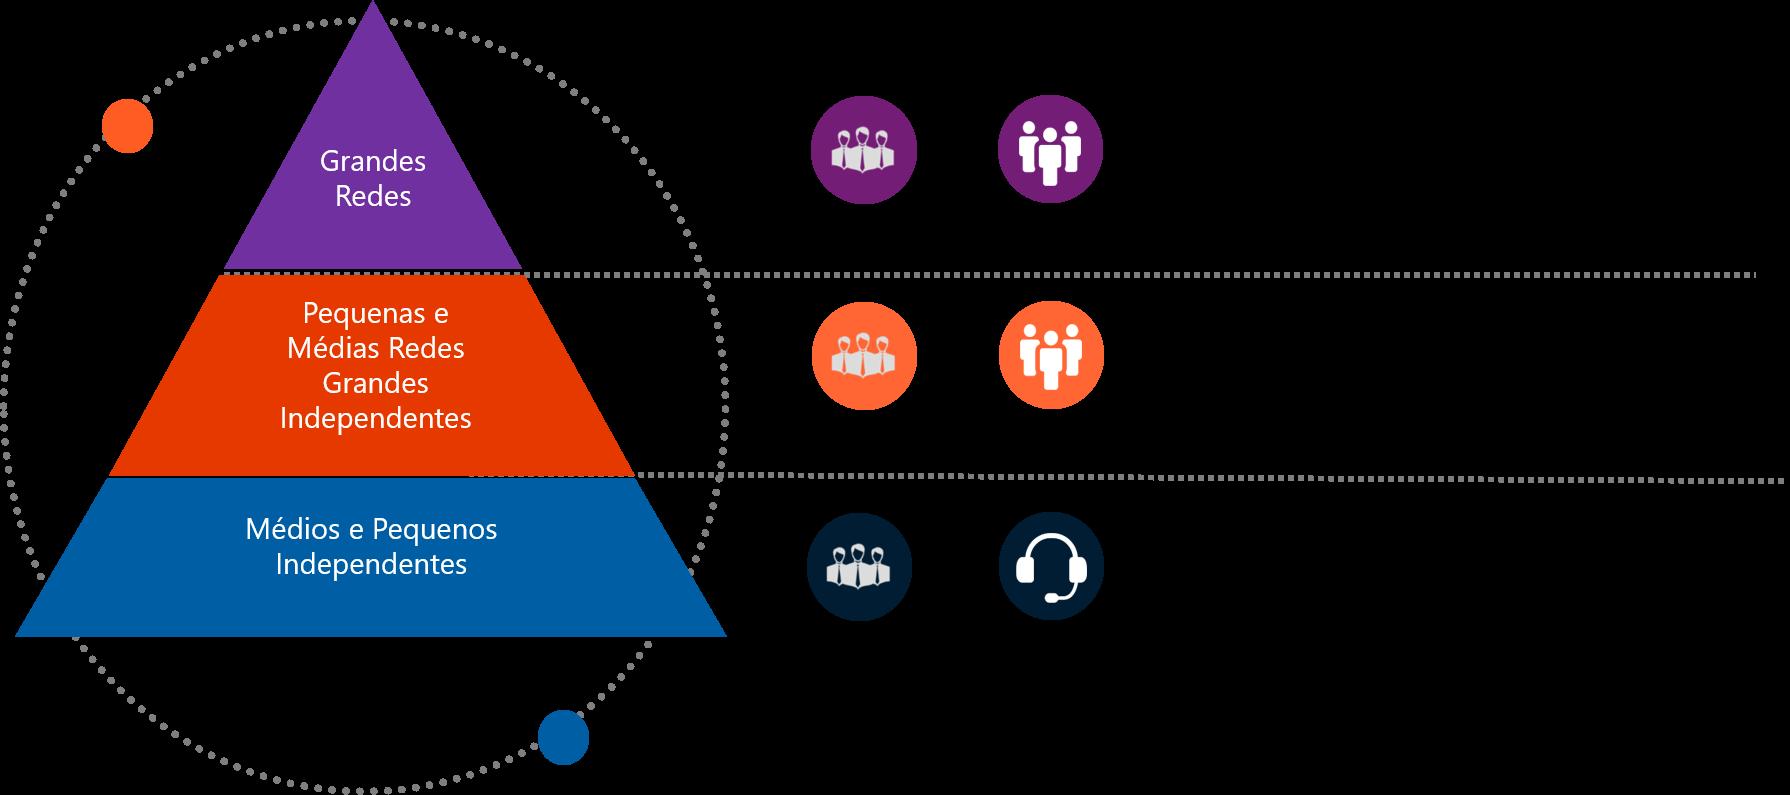 Pirâmide planejamento de visitação médica